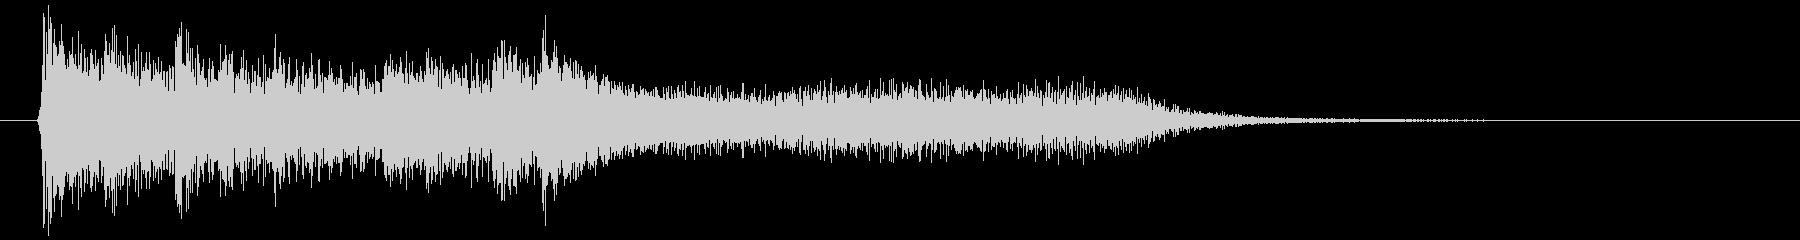 綺麗でオシャレなピアノ(2秒)シャラーンの未再生の波形